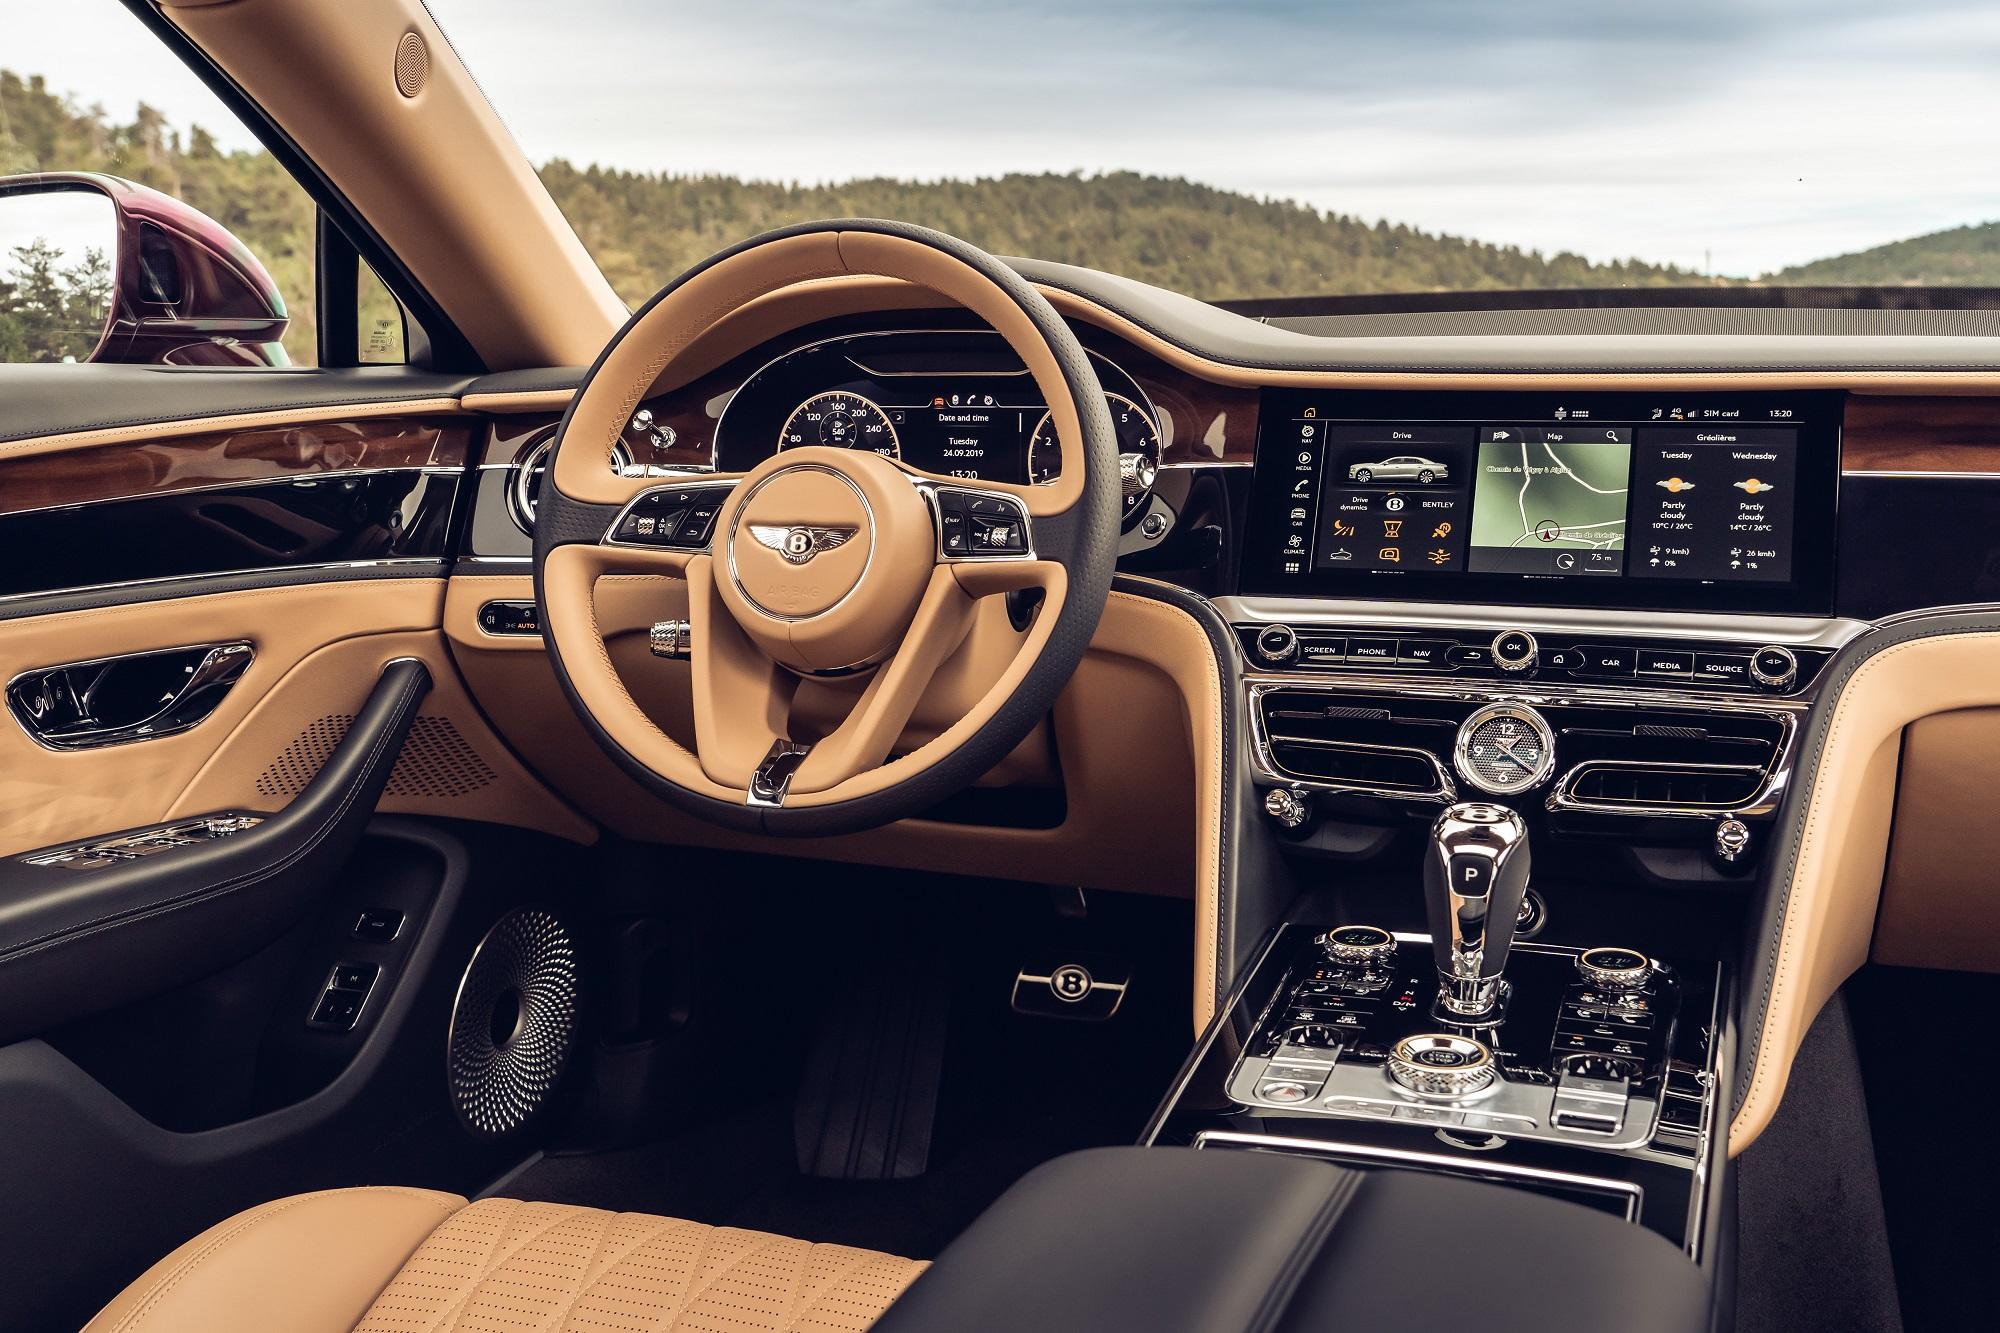 Otočný panel v Bentley je kus efektnej a precíznej techniky If7WG1qRya bentleyrotatingdisplay-3